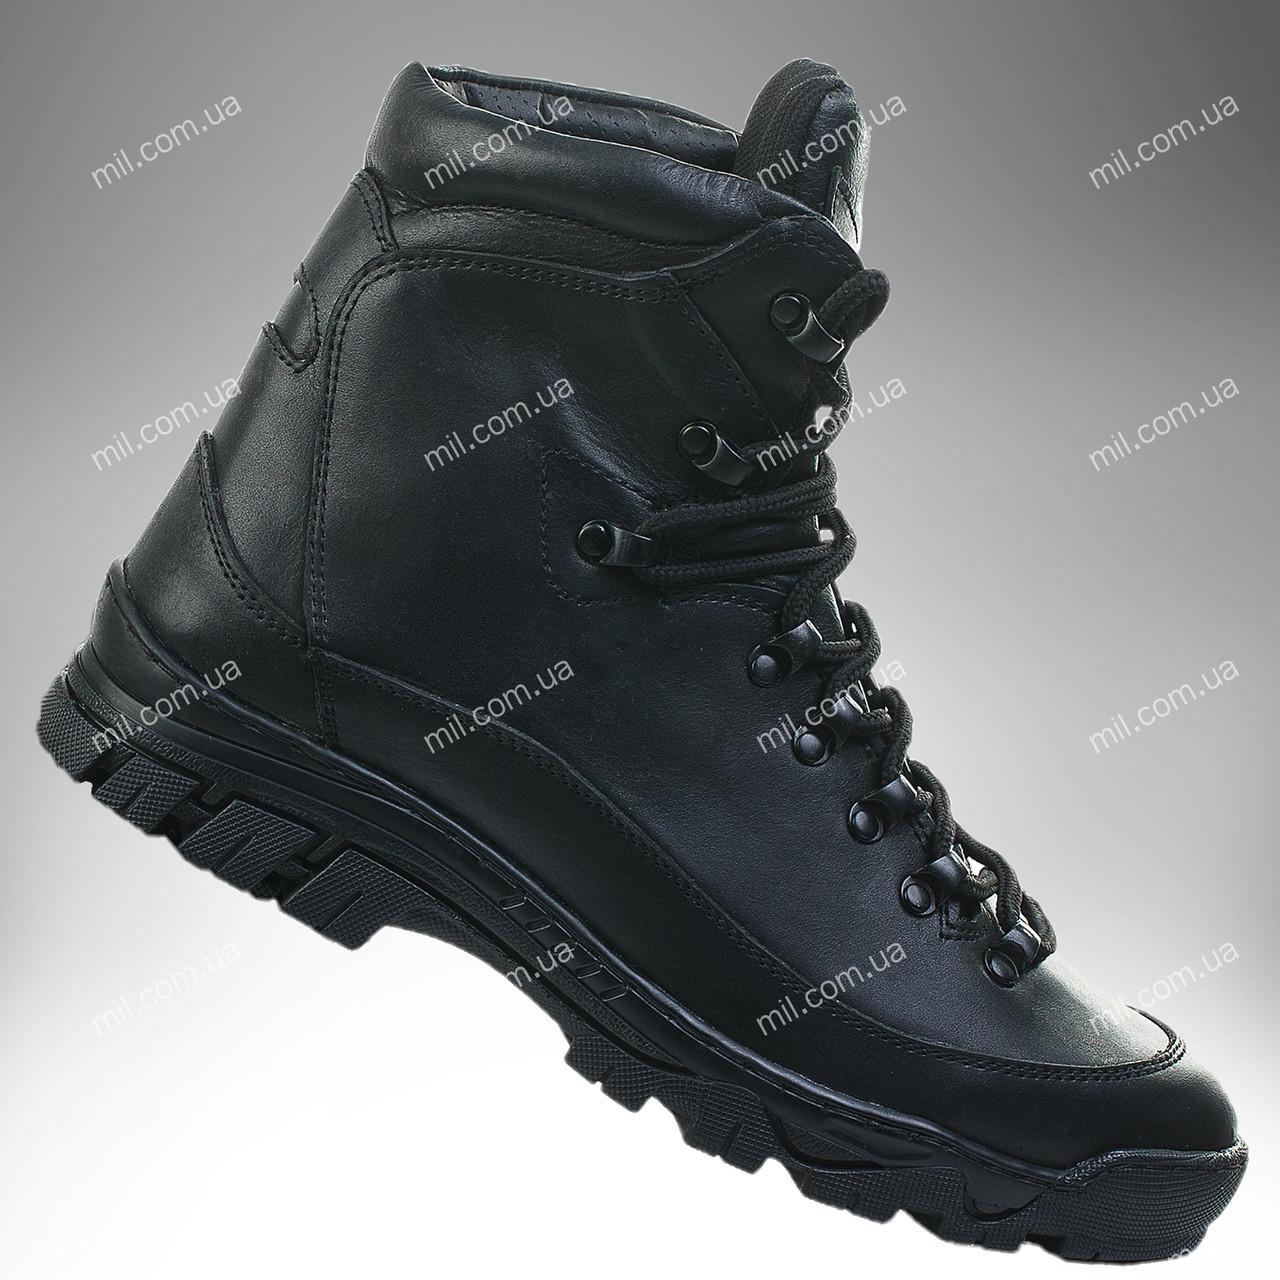 Армейские ботинки демисезонные / военная, тактическая обувь АНТЕЙ (black)